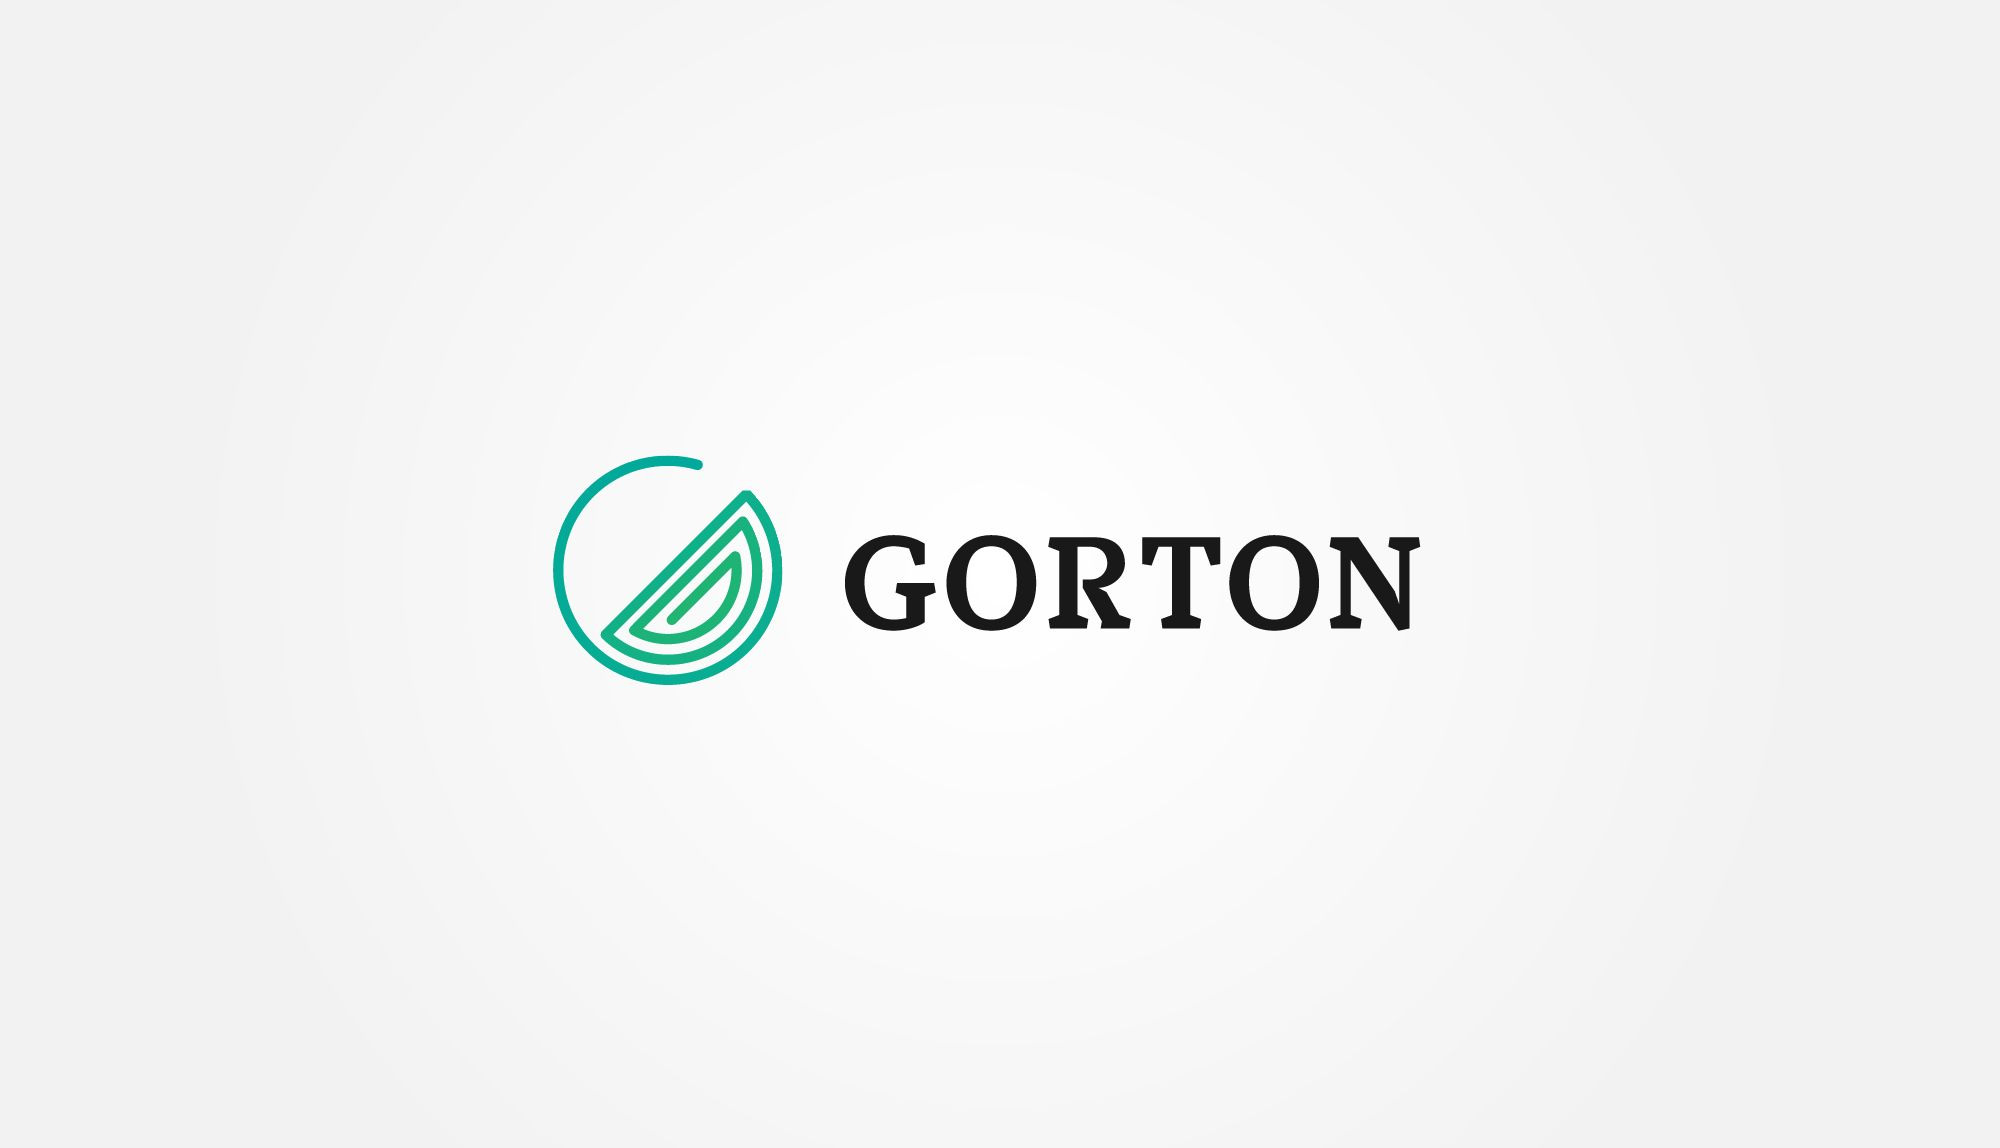 Гортон - дизайнер e5en